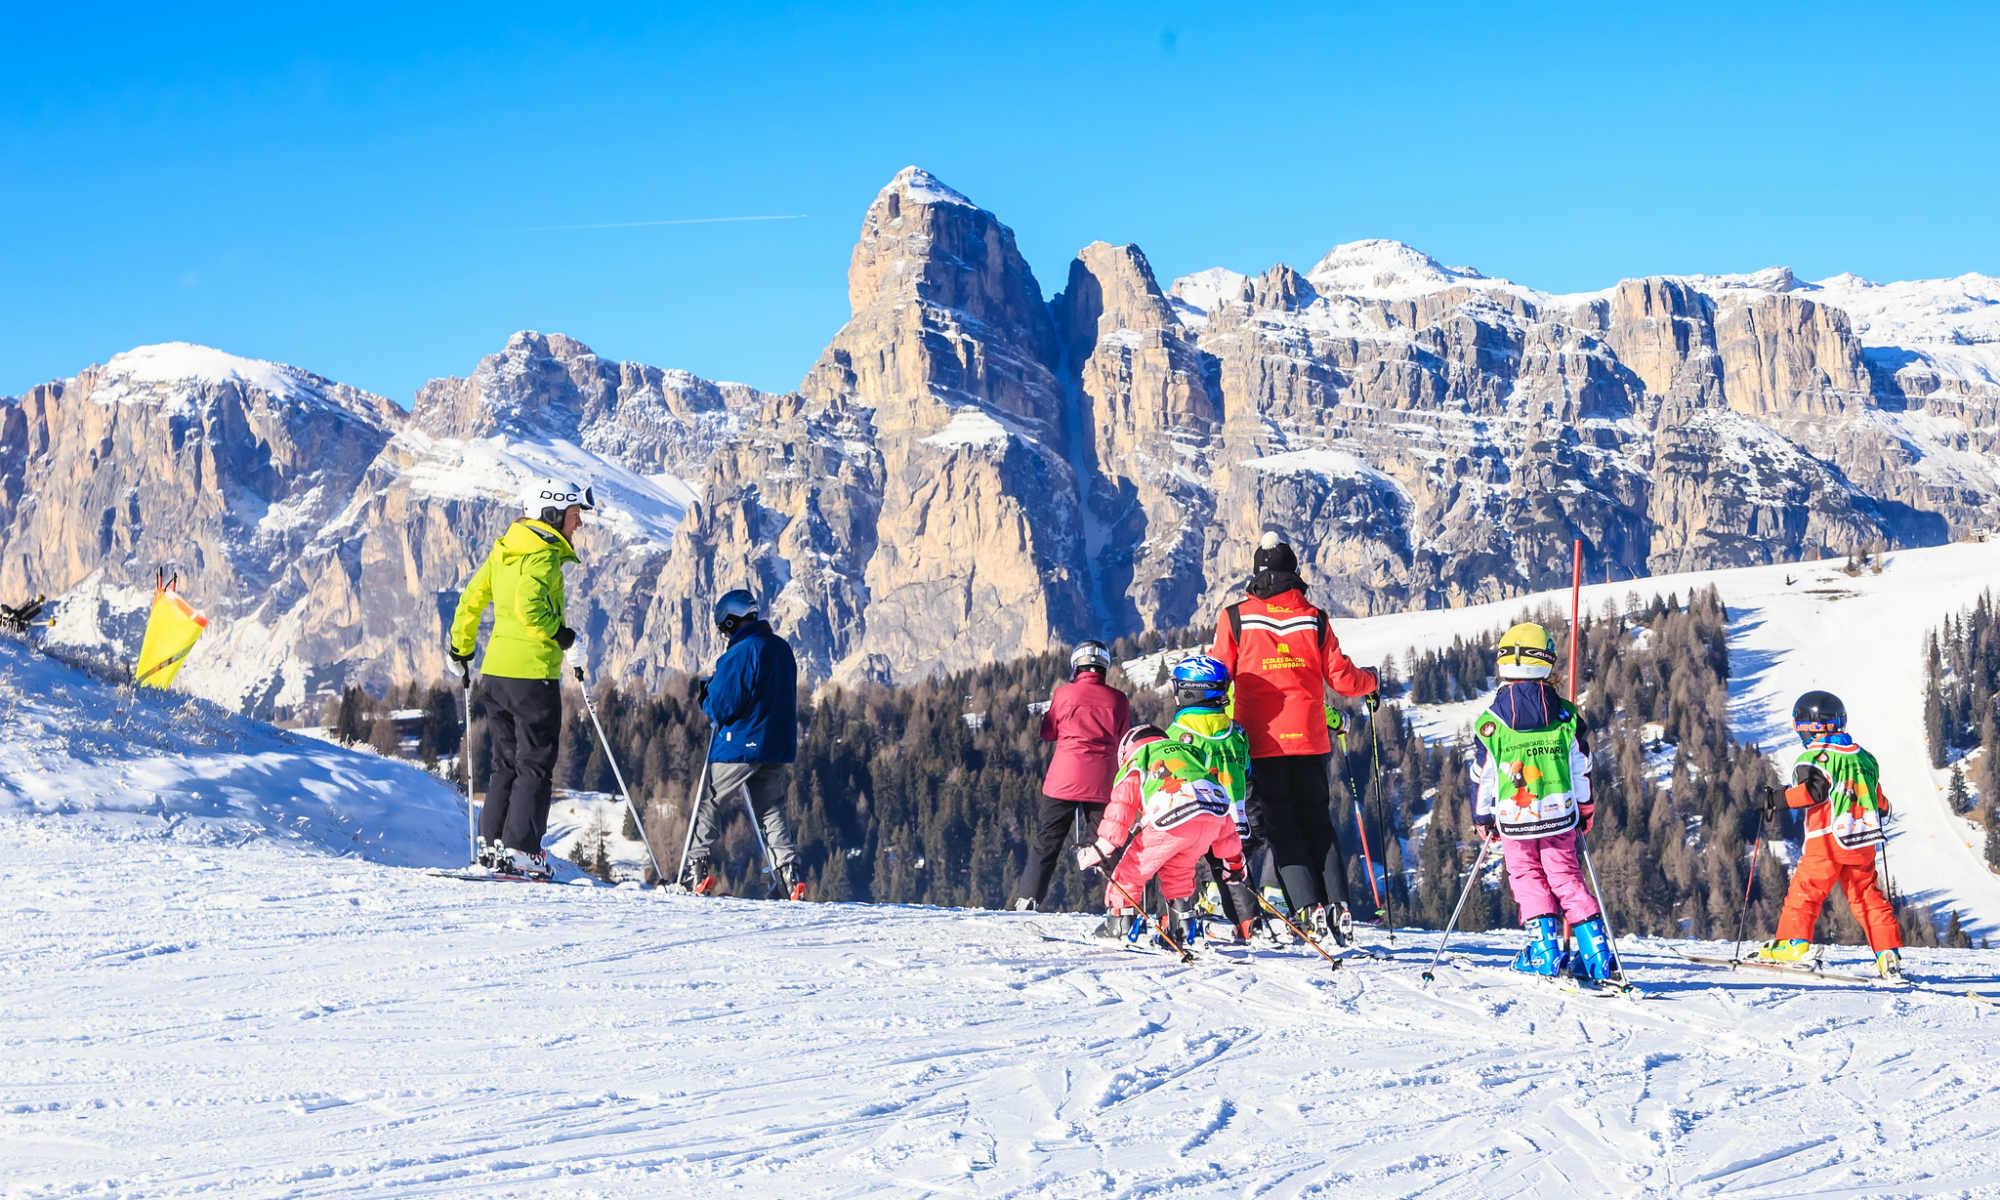 Kinder Skikurs vor der Kulisse der Dolomiten.